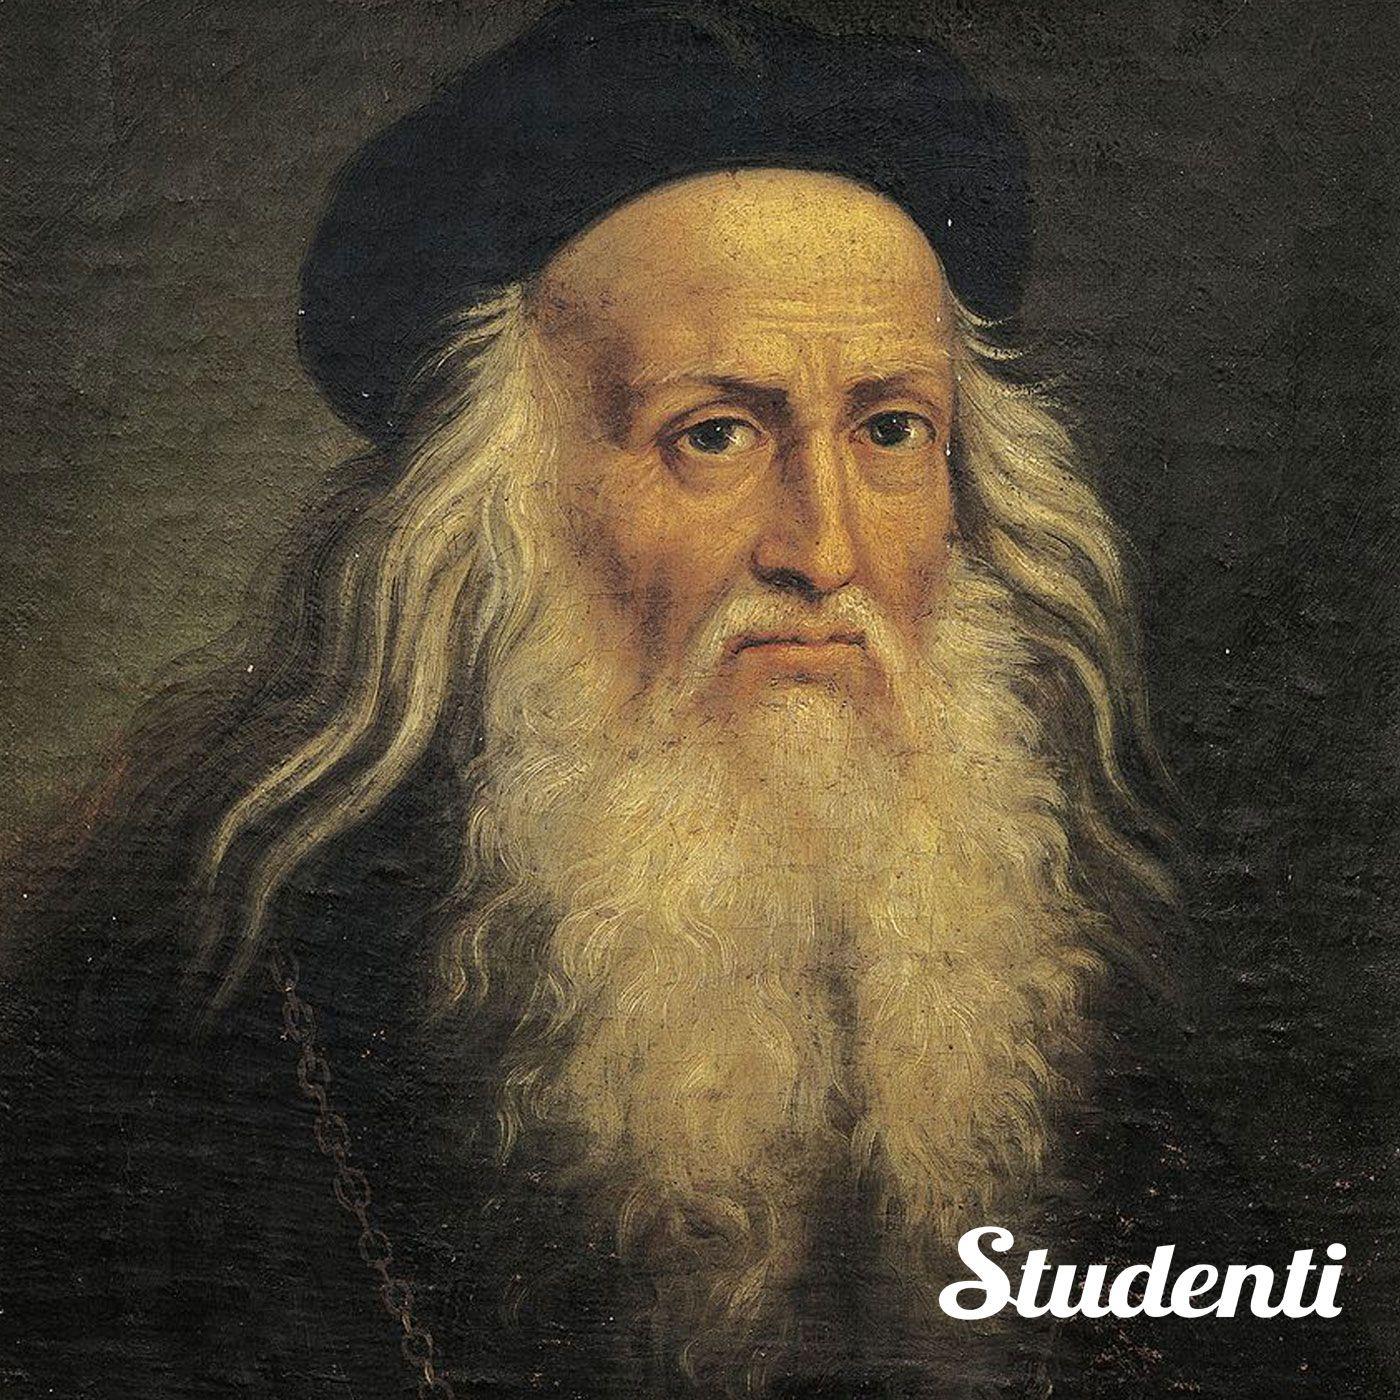 Biografie - Leonardo da Vinci